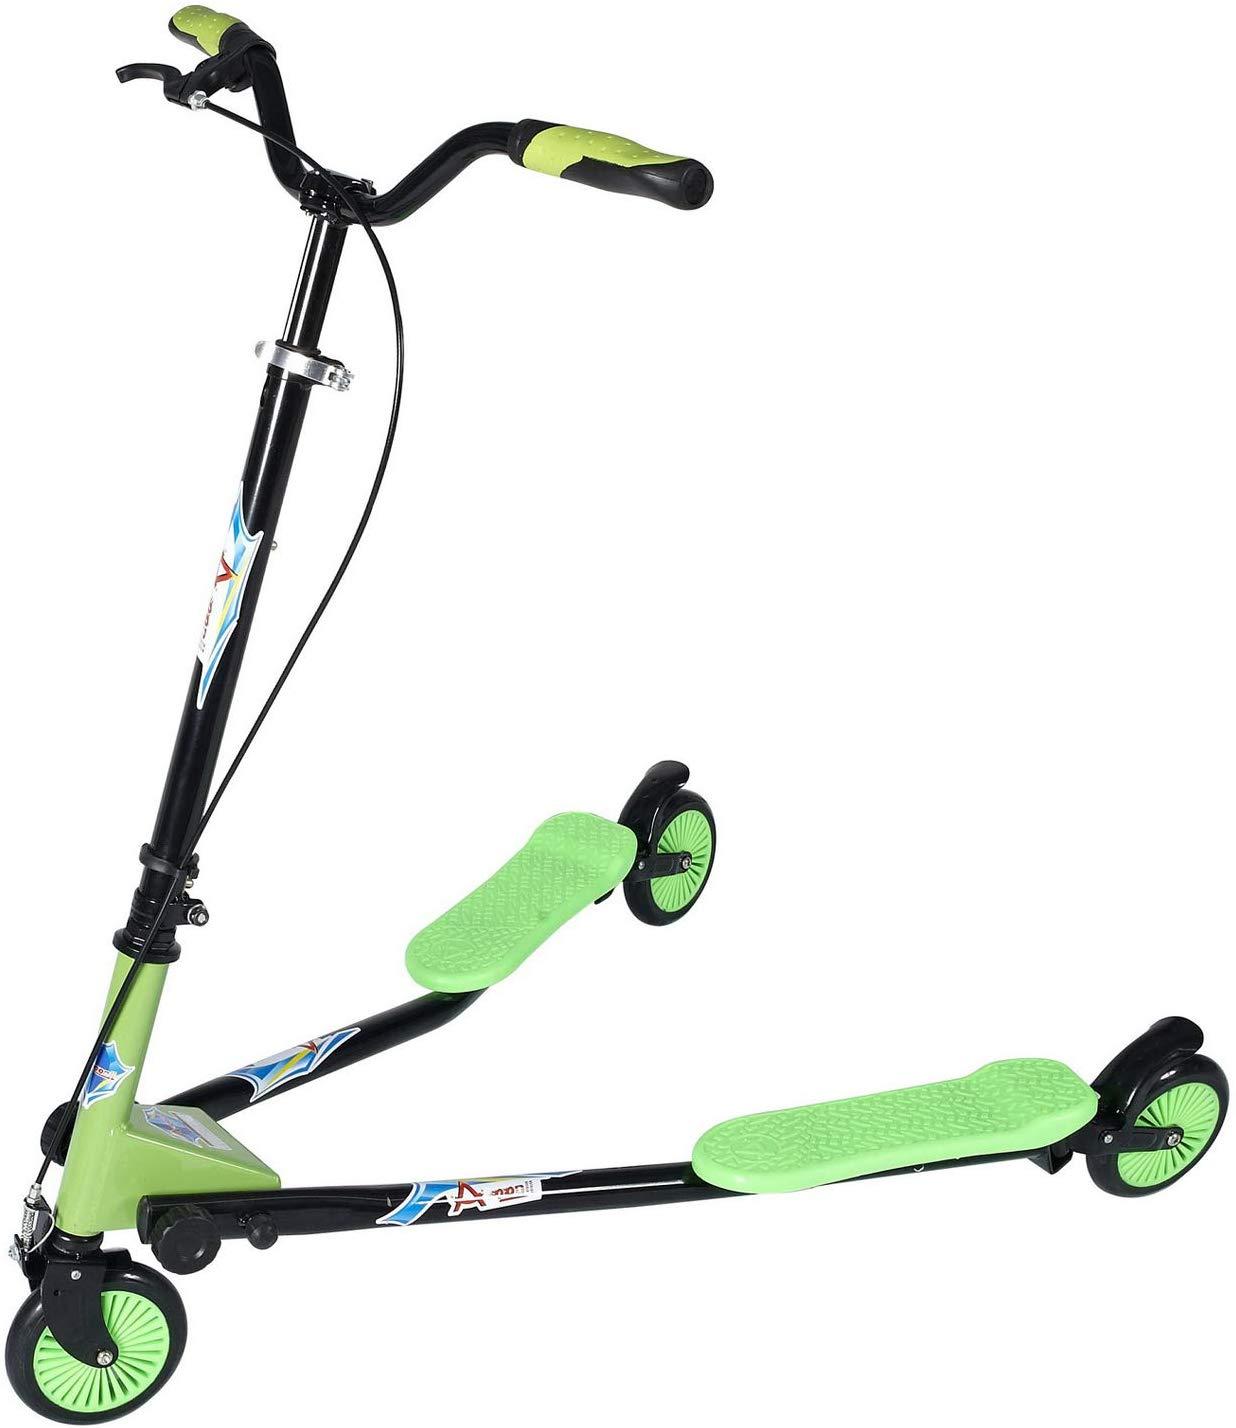 AODI 3 Wheels Swing Motion Scooter